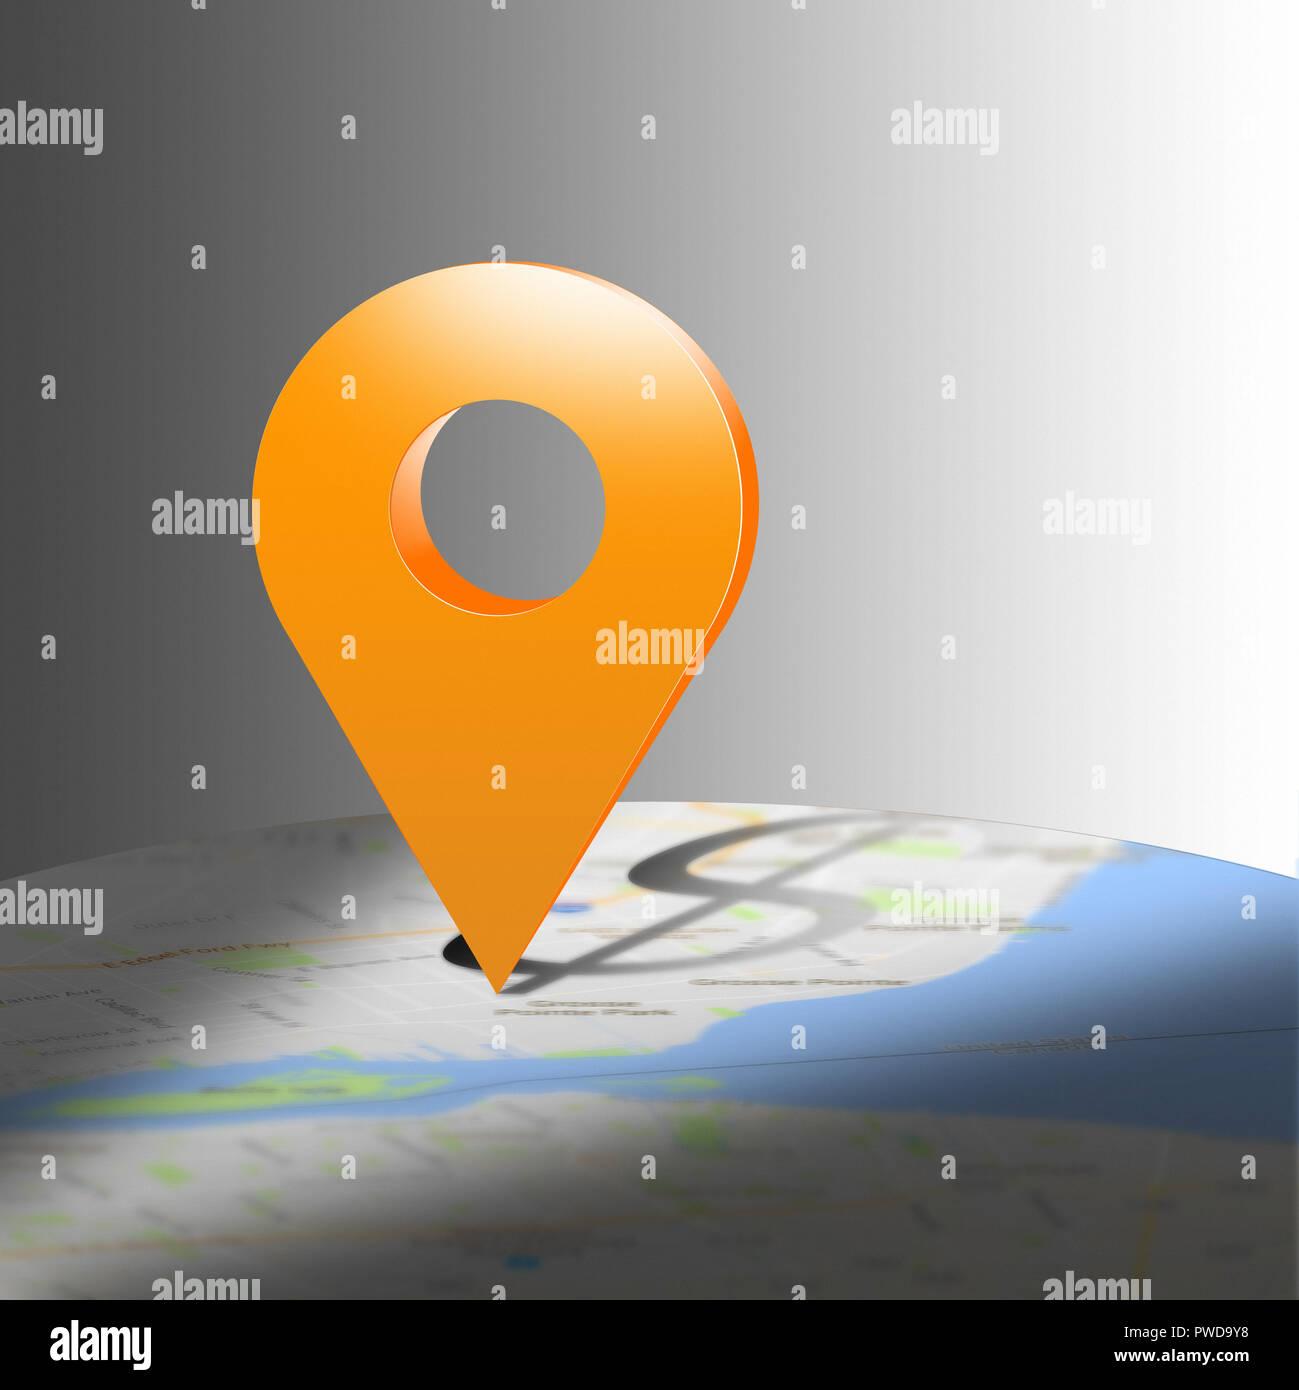 Concept Map Lage Symbol Casting $ Dollarzeichen auf einer Karte, Standort Stockbild